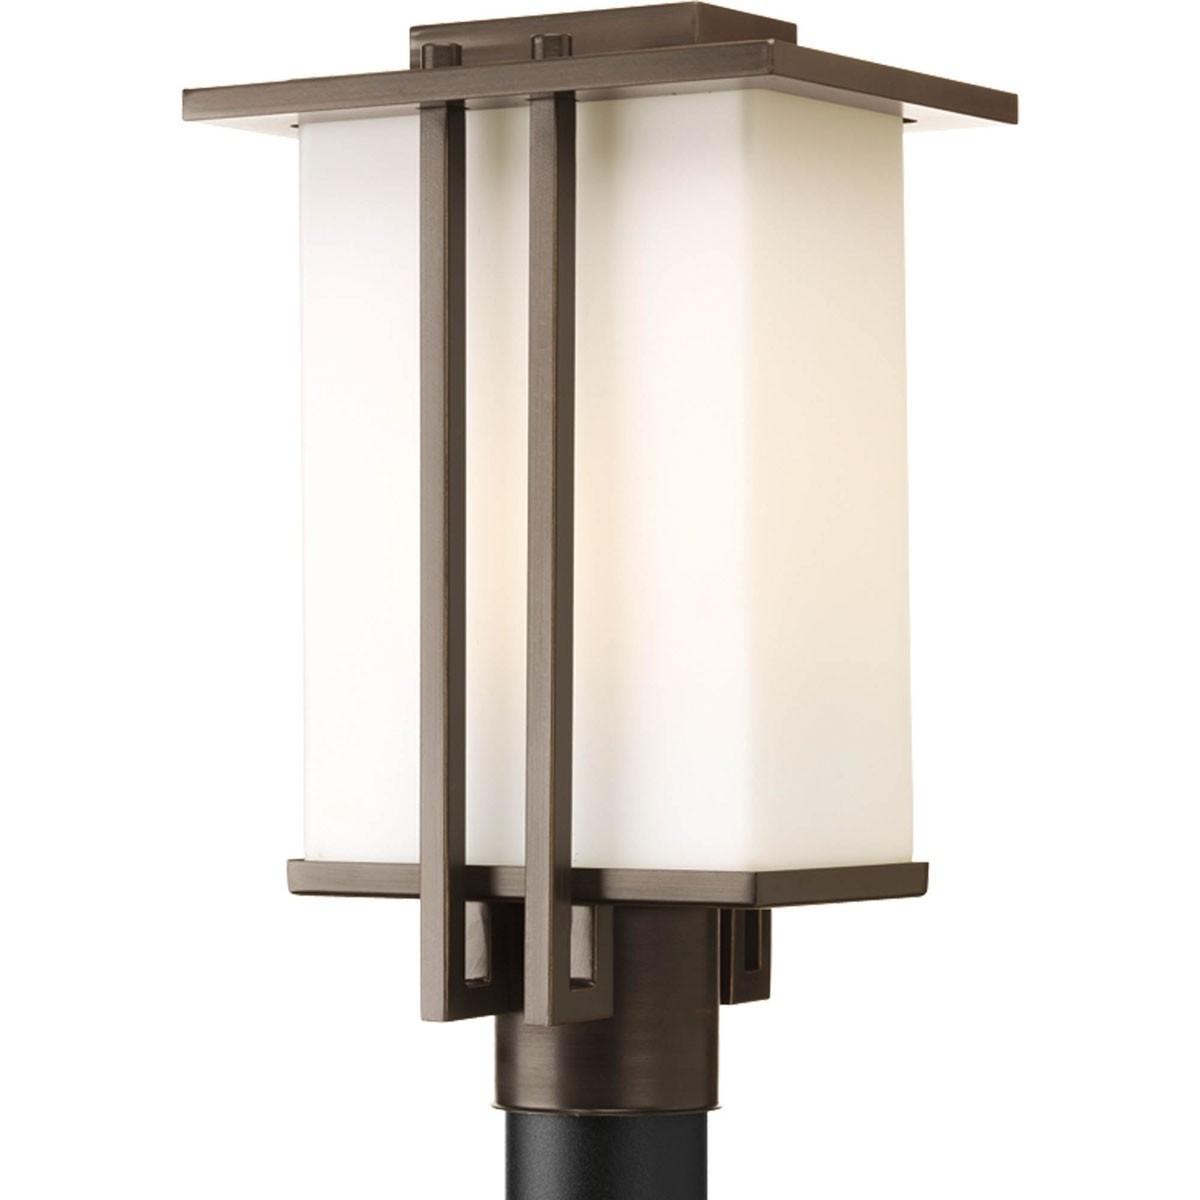 Trendy Modern Outdoor Lamp Post Lights • Outdoor Lighting Throughout Modern Outdoor Post Lighting (View 18 of 20)